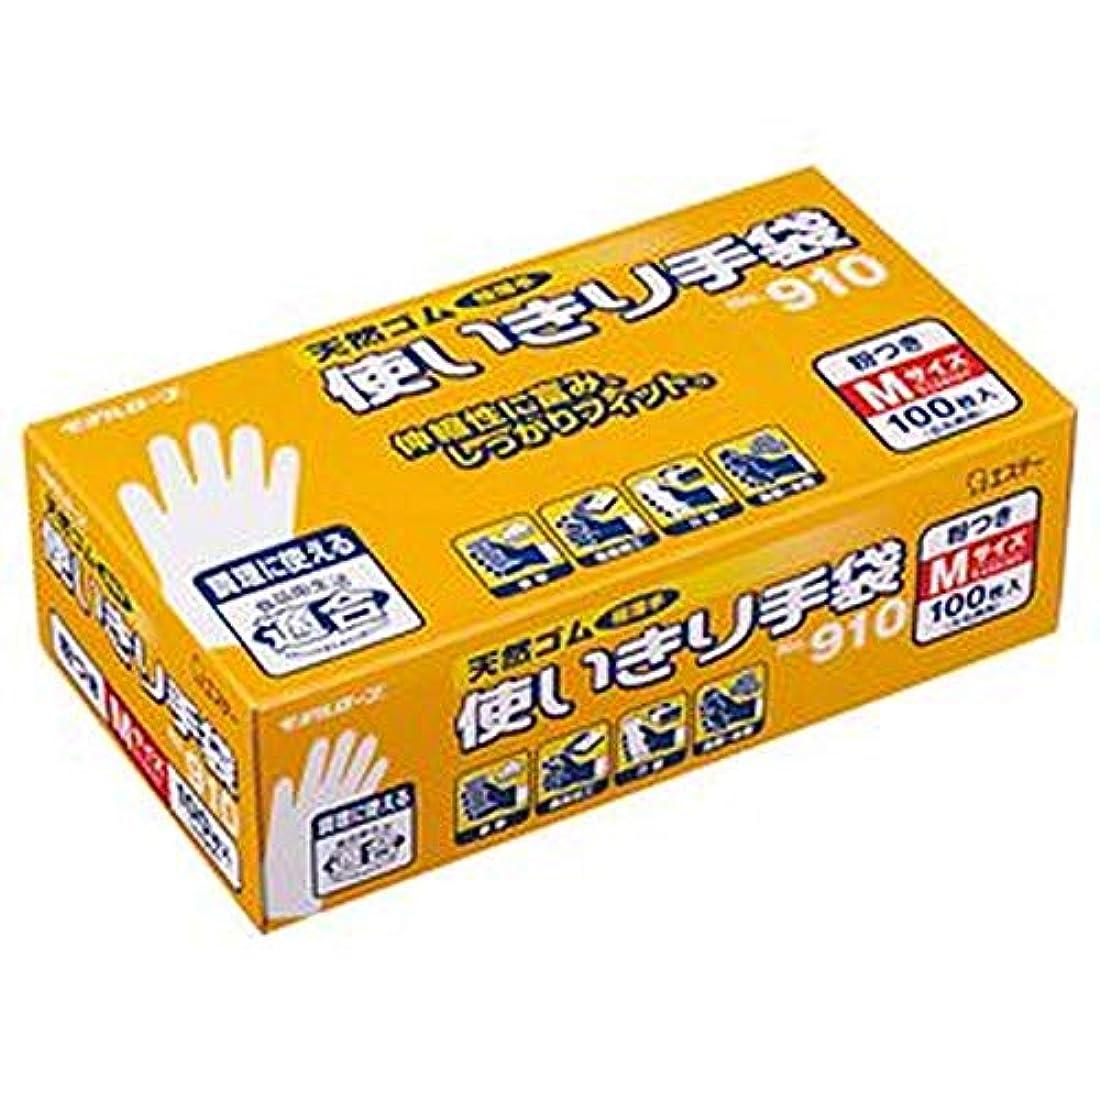 エンティティ主観的チャット- まとめ - / エステー/No.910 / 天然ゴム使いきり手袋 - 粉付 - / M / 1箱 - 100枚 - / - ×5セット -